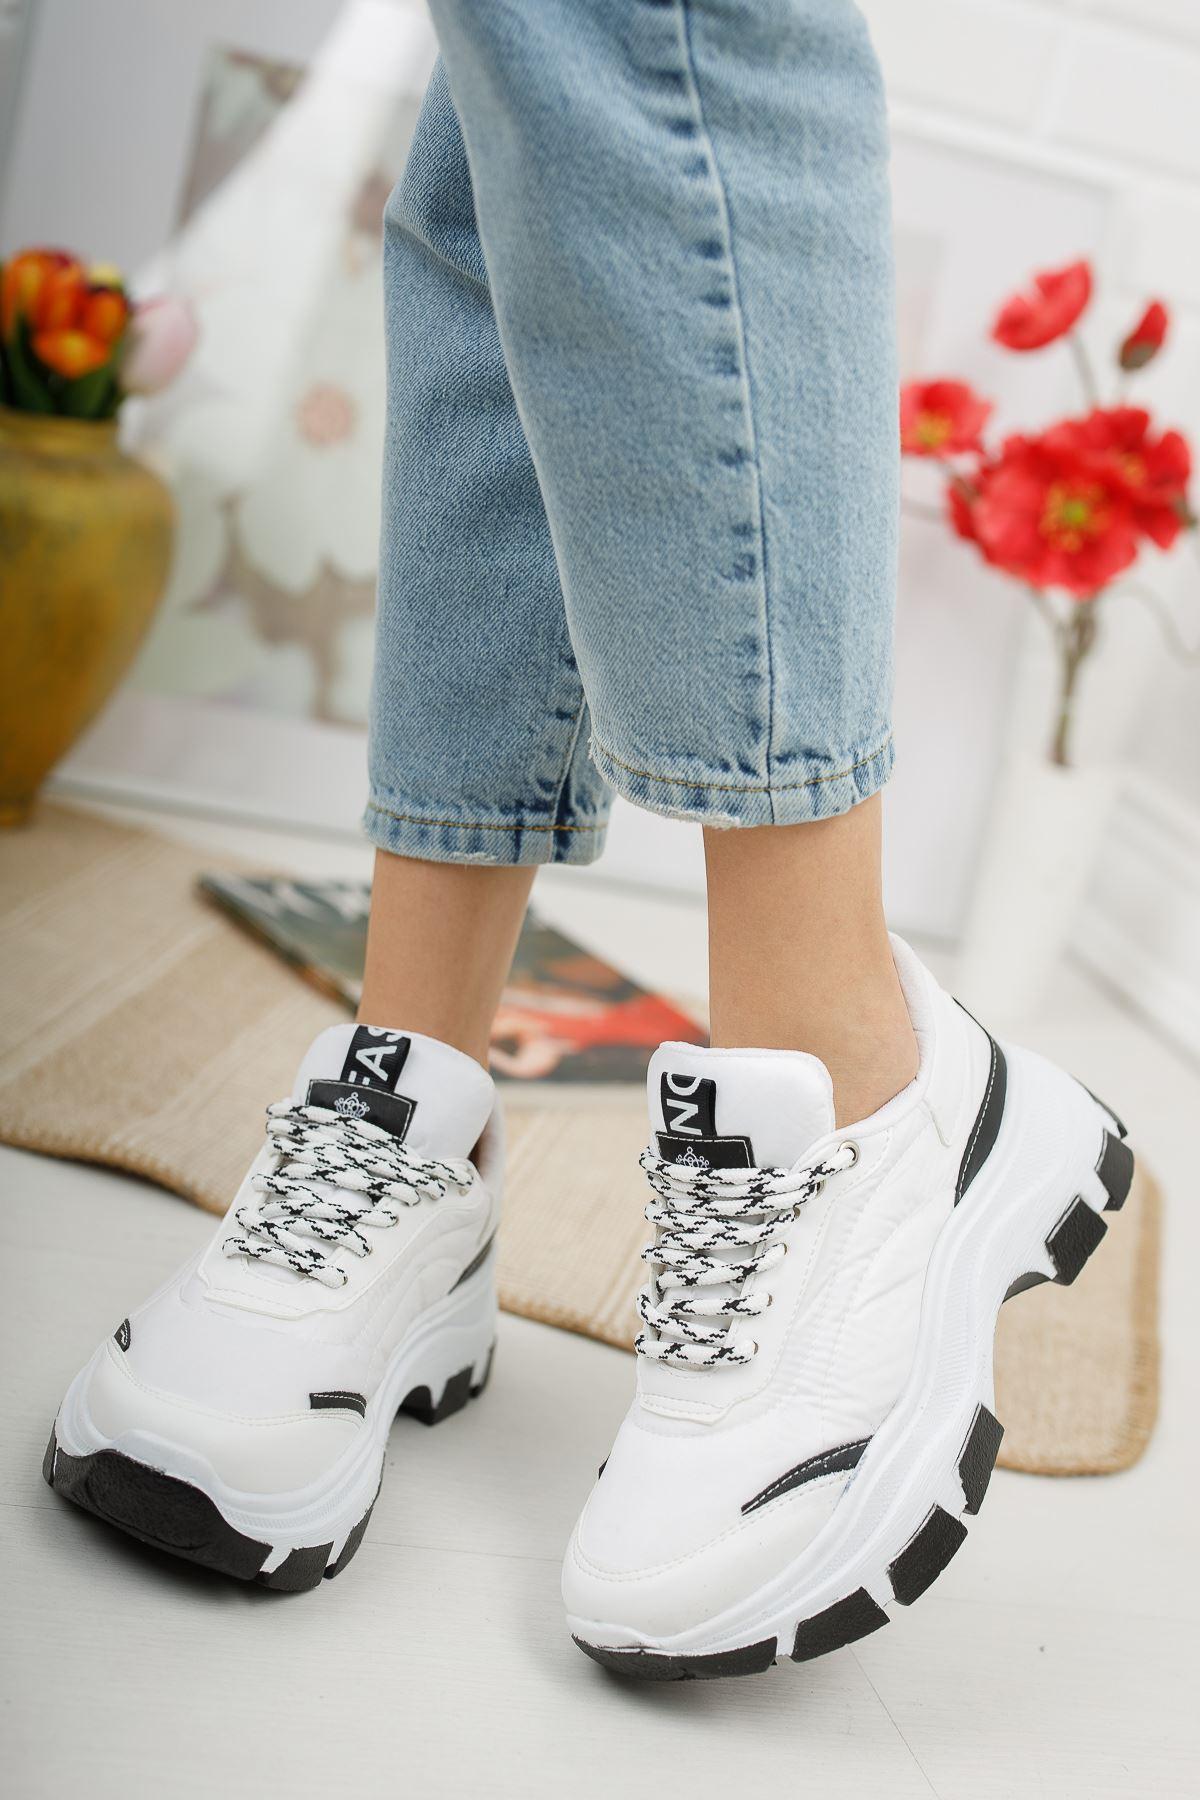 Aria Beyaz Siyah Kadın Spor Ayakkabı